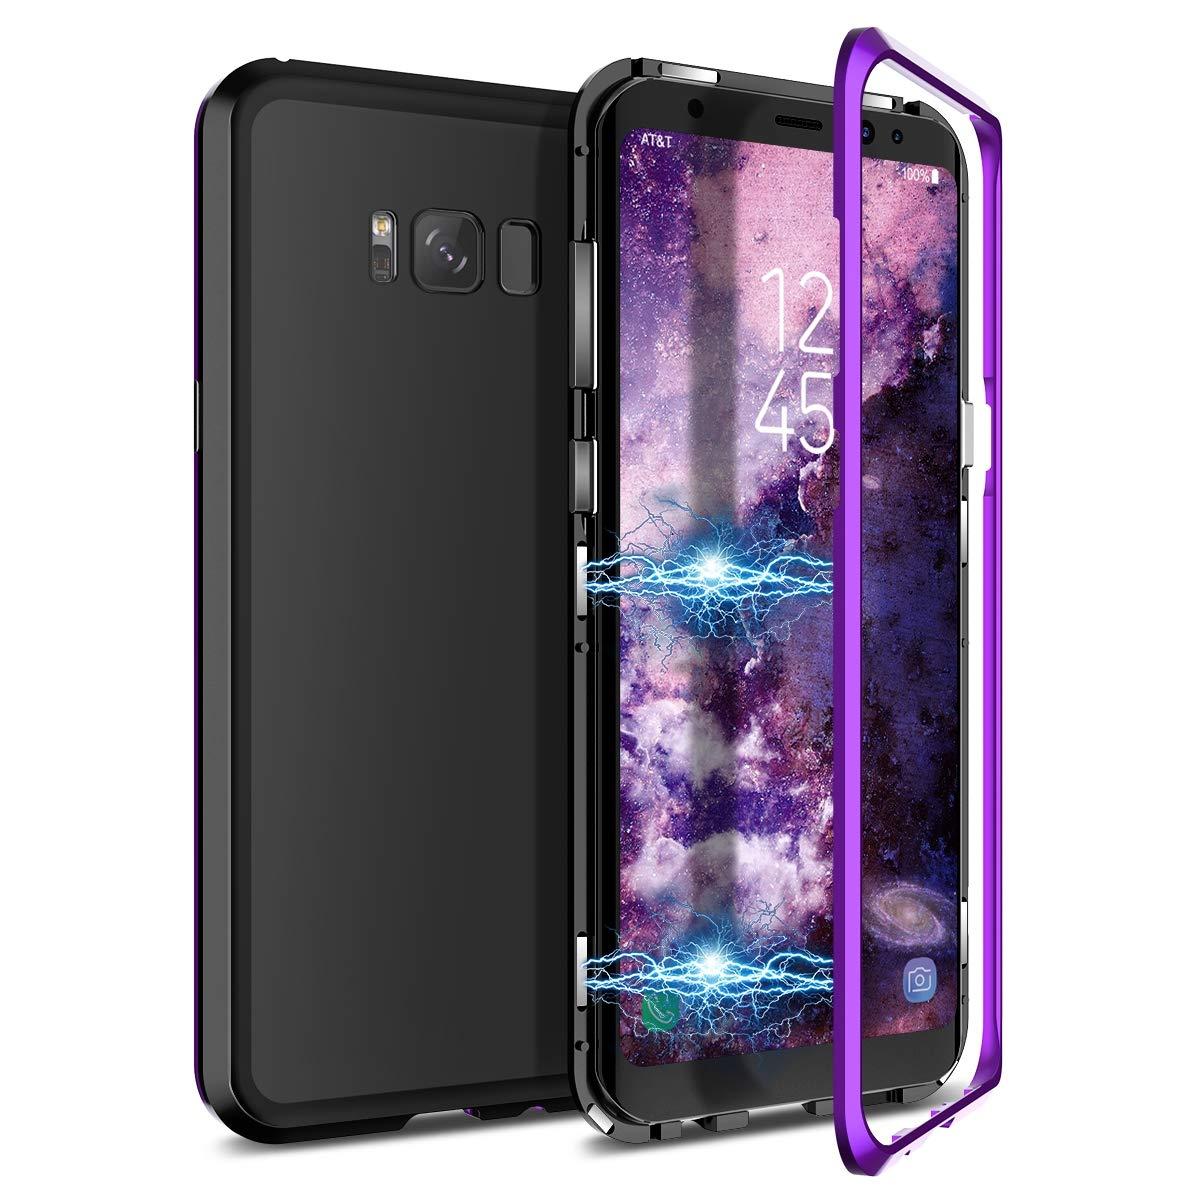 CE-Link Samsung Galaxy S8 Hü lle Glas mit Magnetisch Panzerglas Durchsichtig Handyhü lle Transparent Ultra Slim Dü nn 360 Grad Schutzhü lle Bumper Schutz - Schwarz Glass